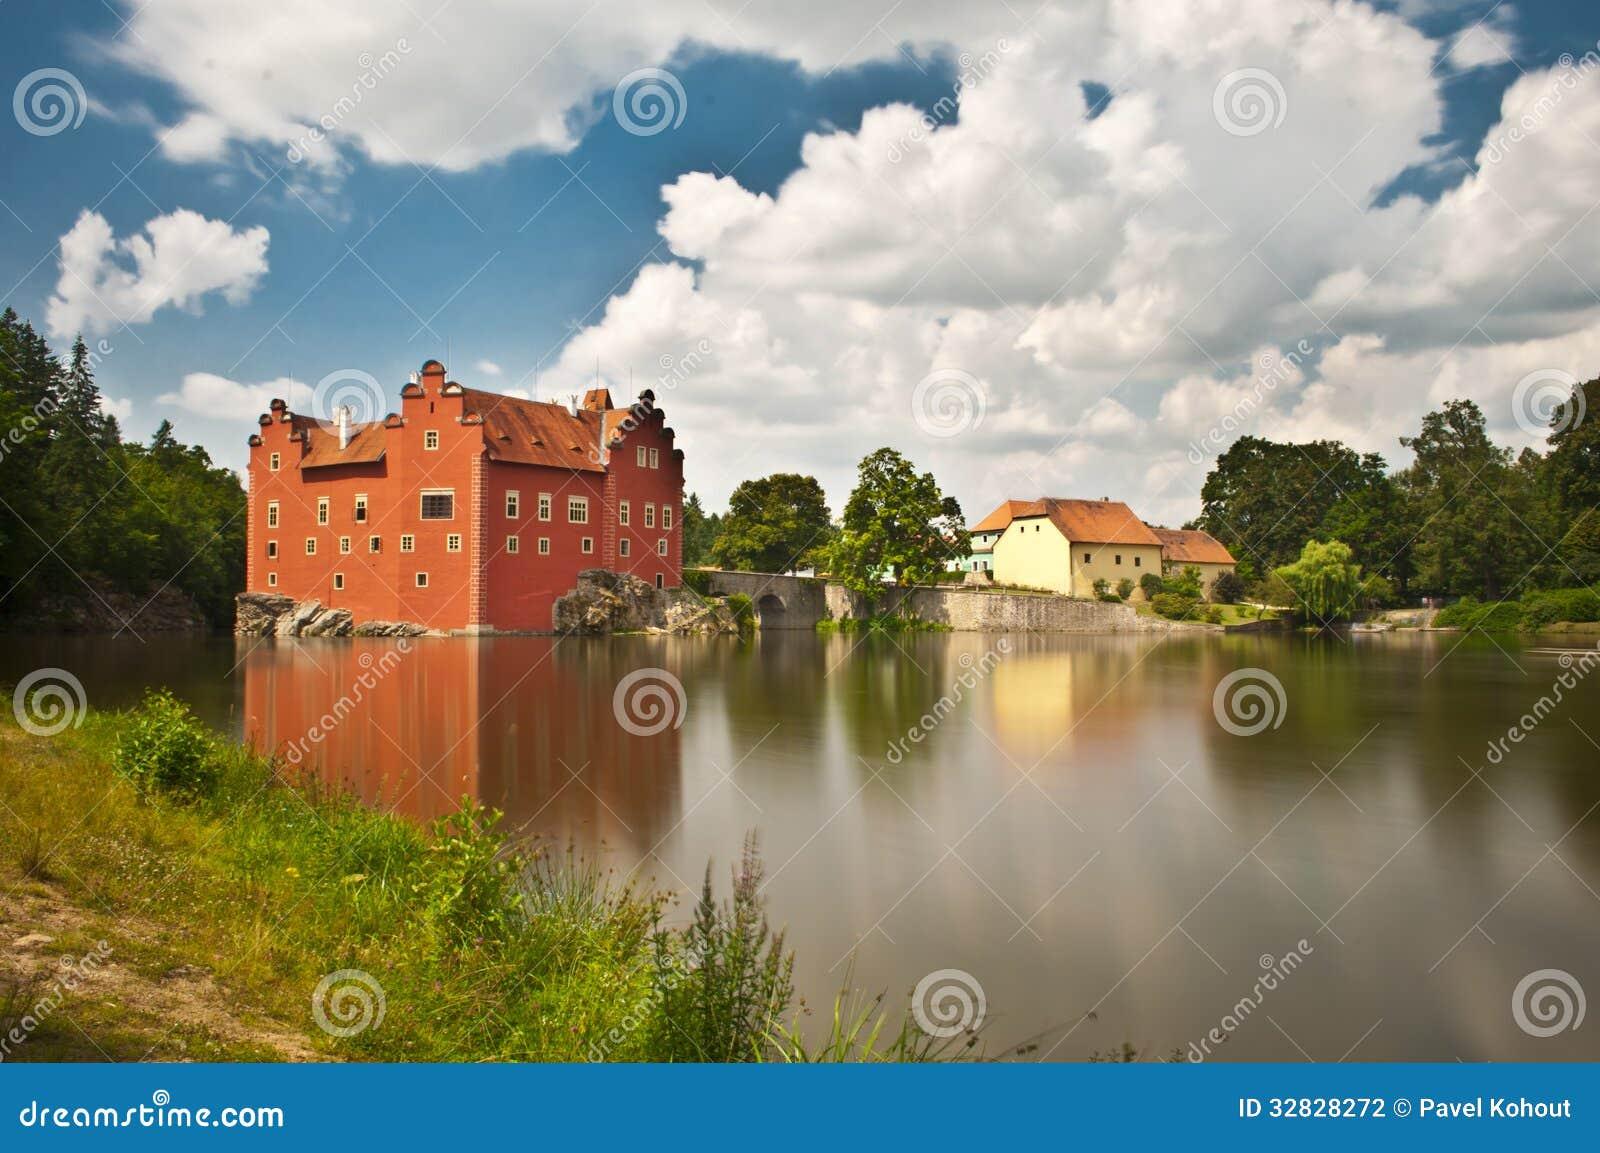 Romantisches Schloss